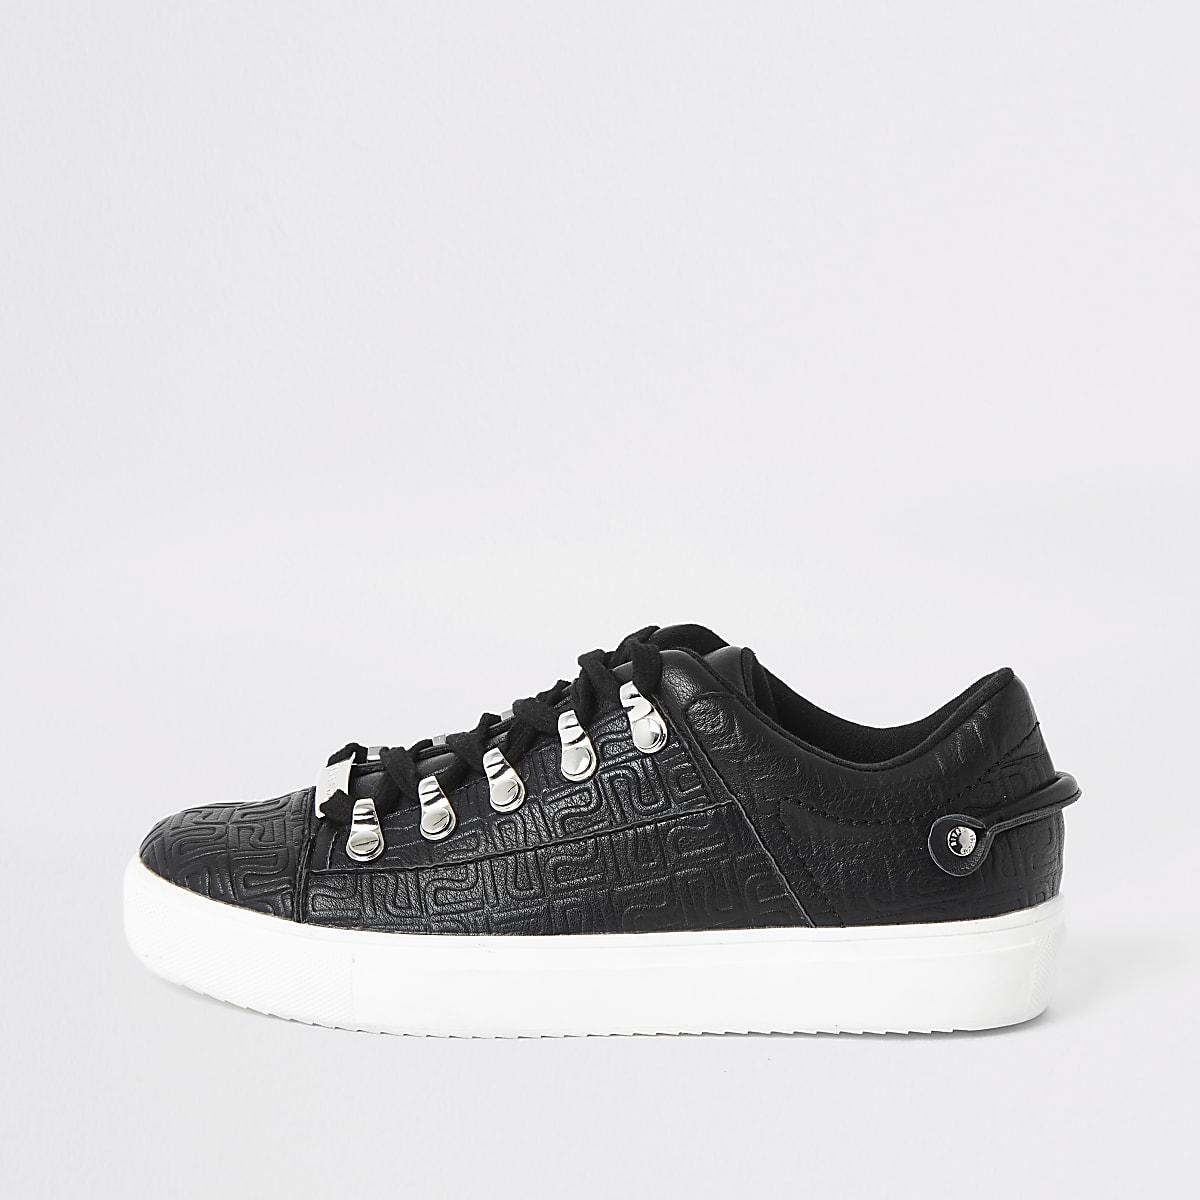 Baskets à lacets noires avec logo RI en relief